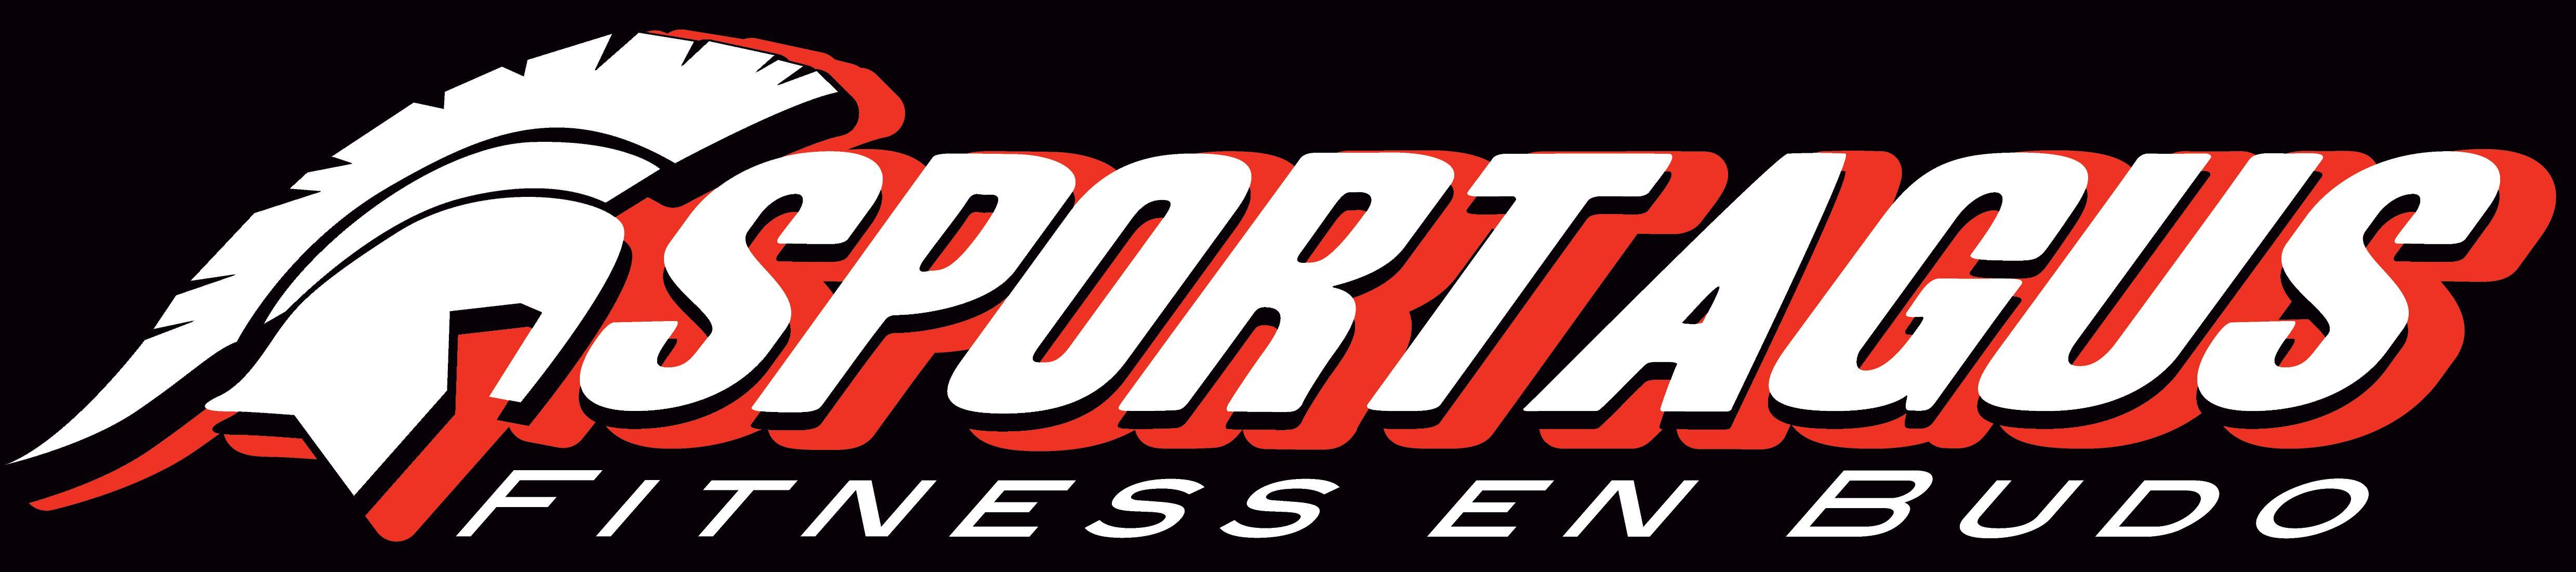 Kickboksen, personal training, fitness en MMA in Veenendaal